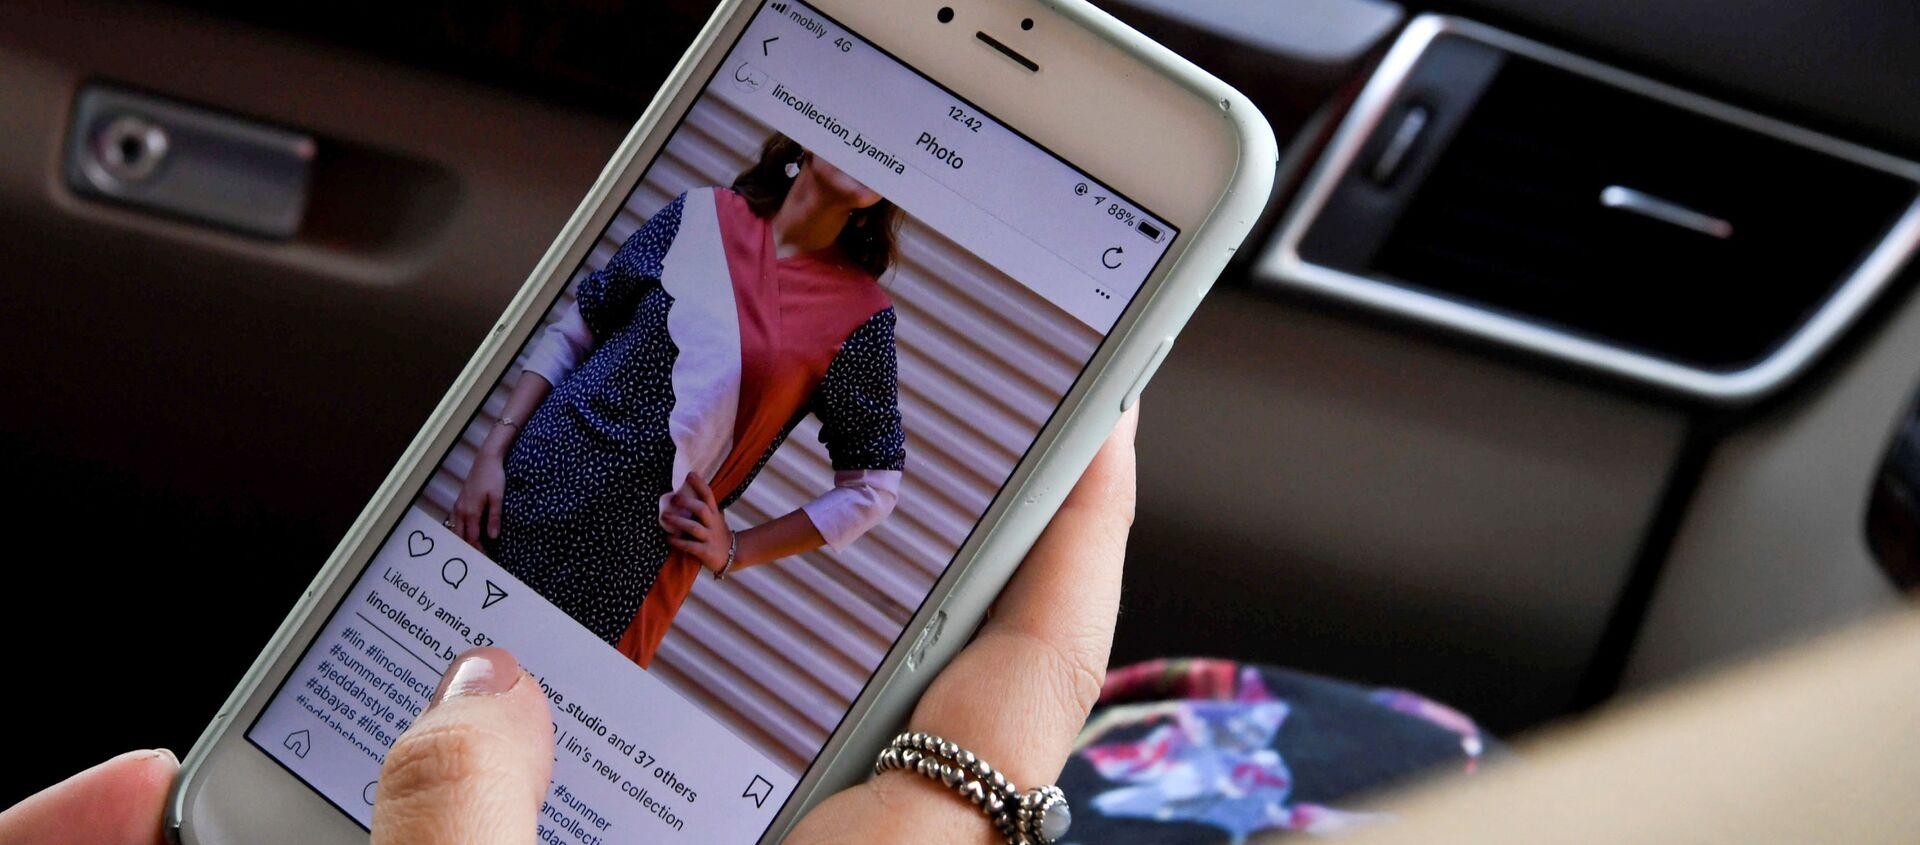 Una ragazza aggiorna Instagram sul proprio smartphone - Sputnik Italia, 1920, 10.02.2021